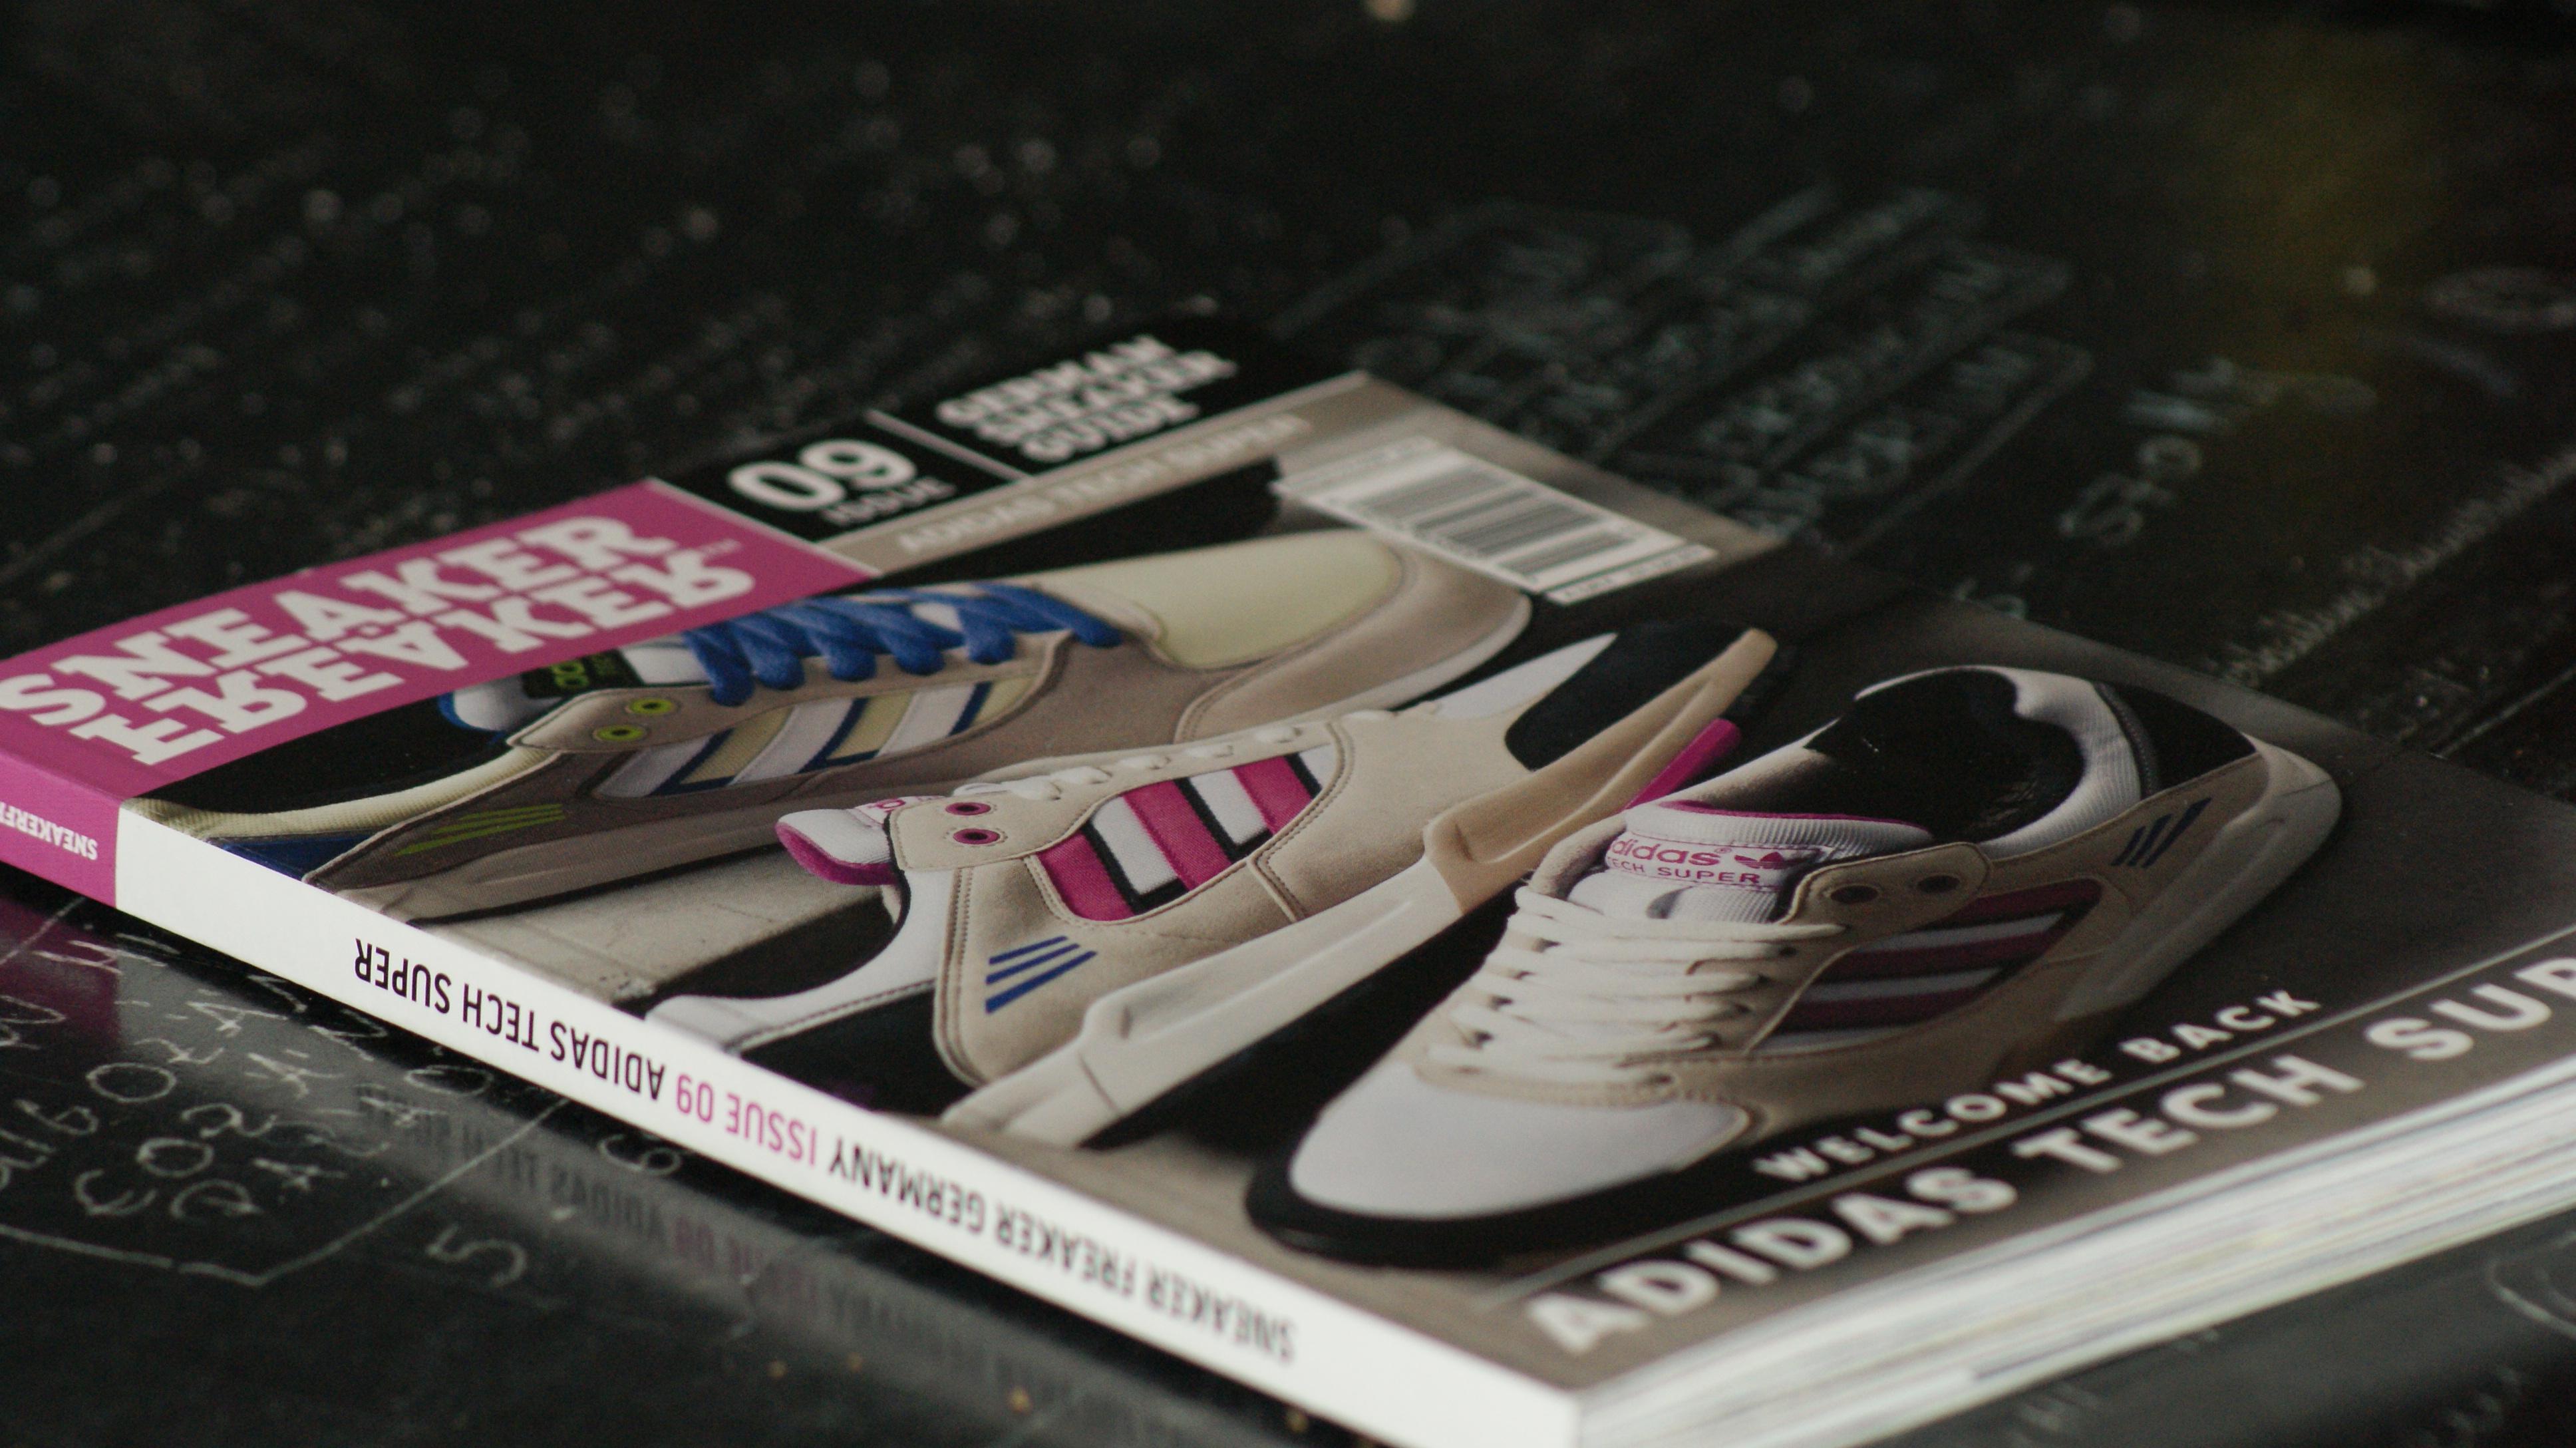 9# sneakerfraker german issu